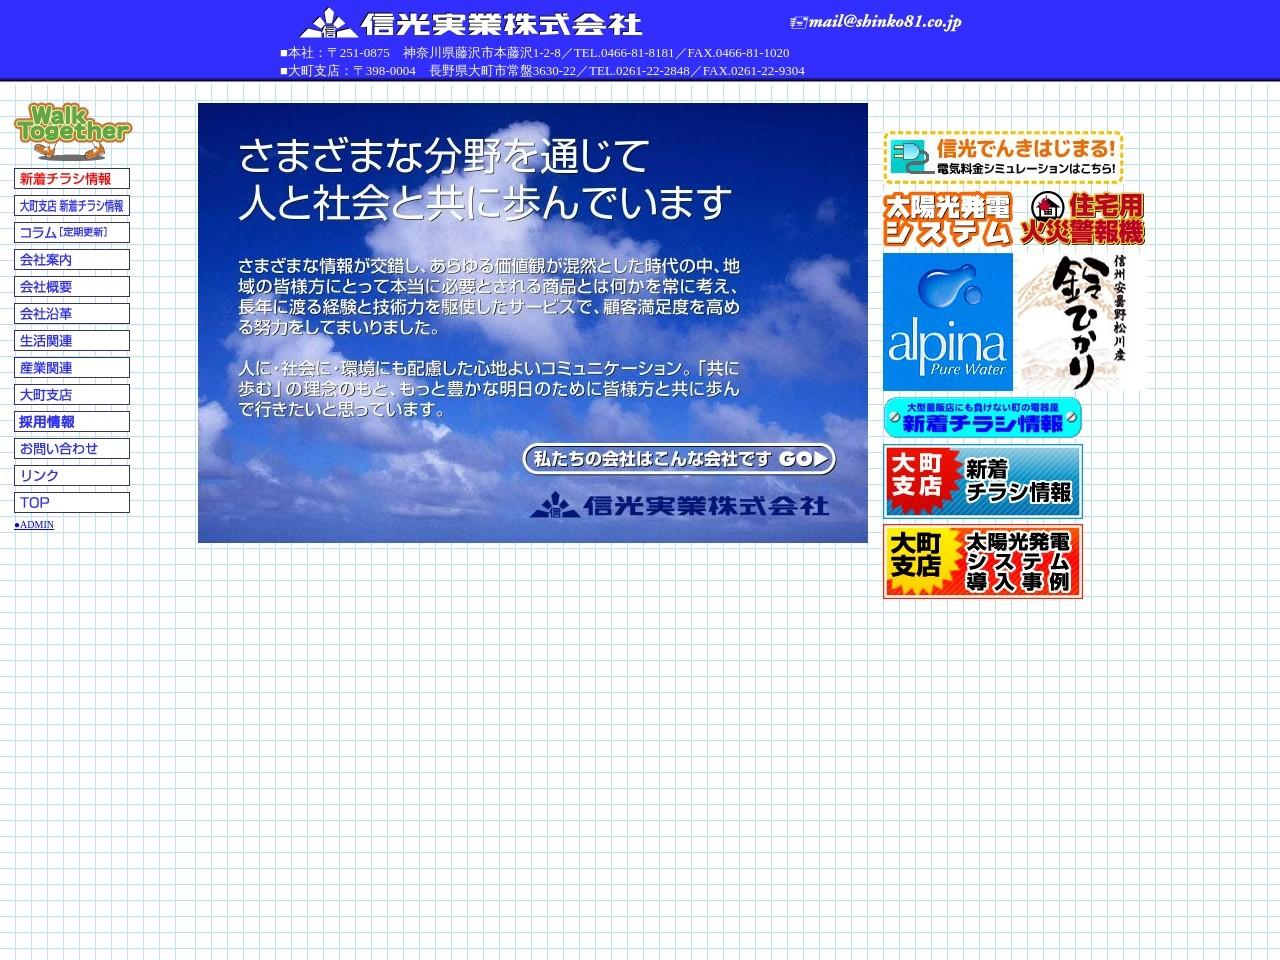 信光実業株式会社大町支店